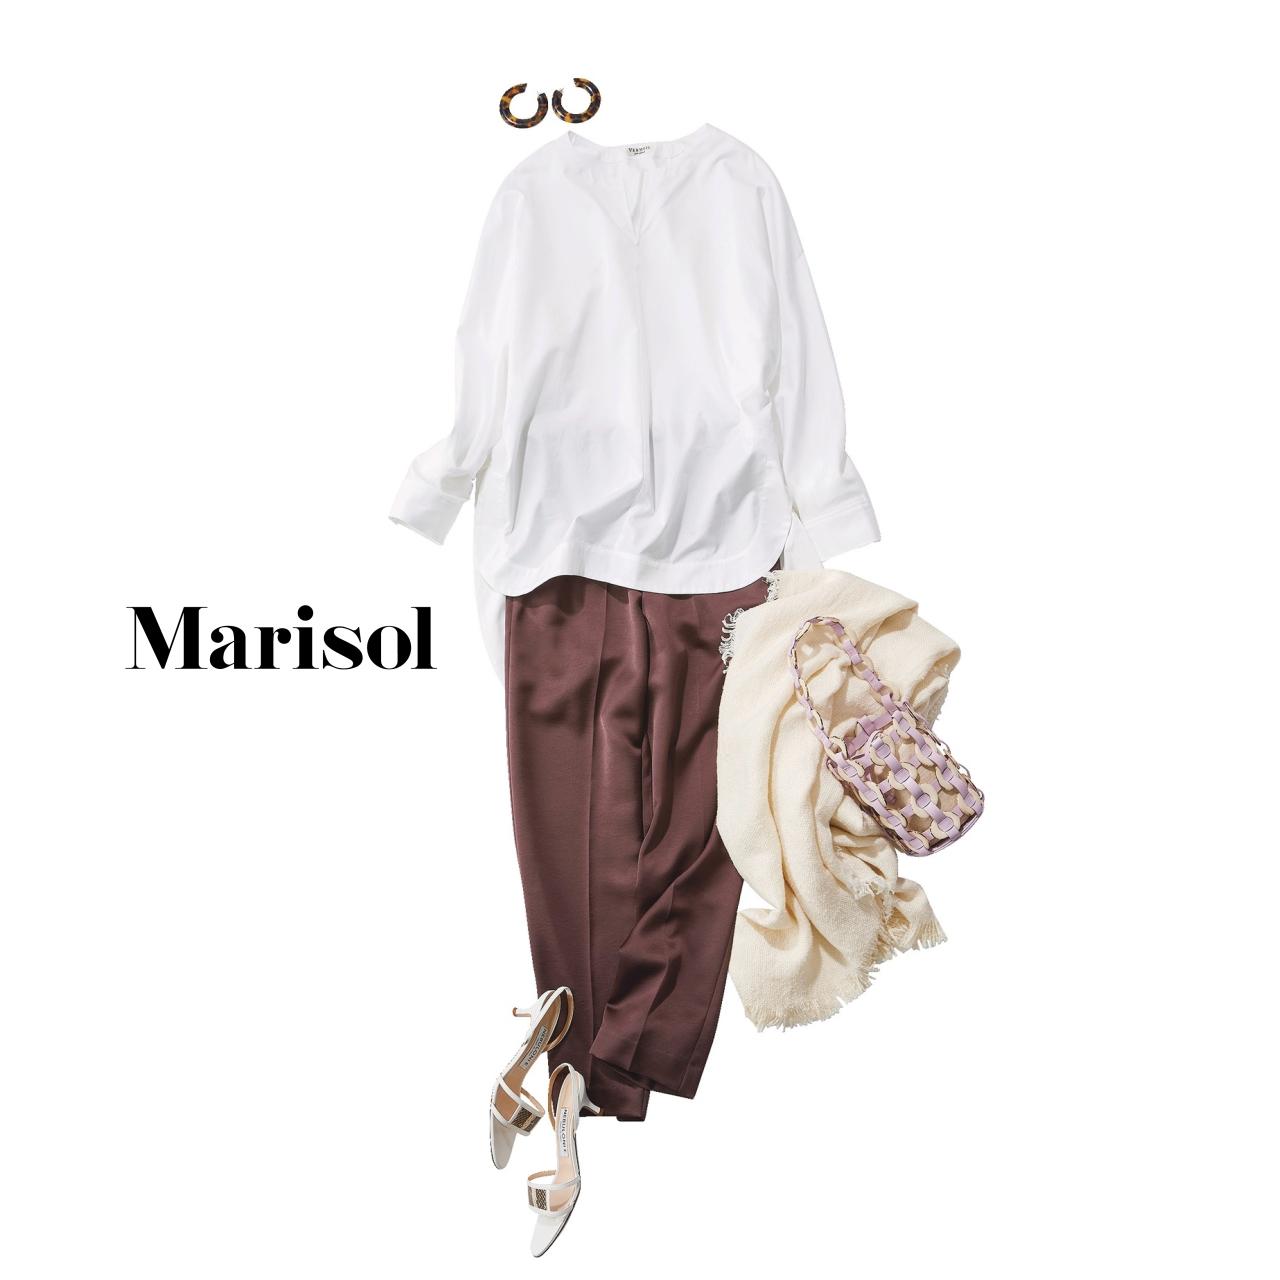 40代ファッション 白シャツ×サテン風ブラウンパンツコーデ